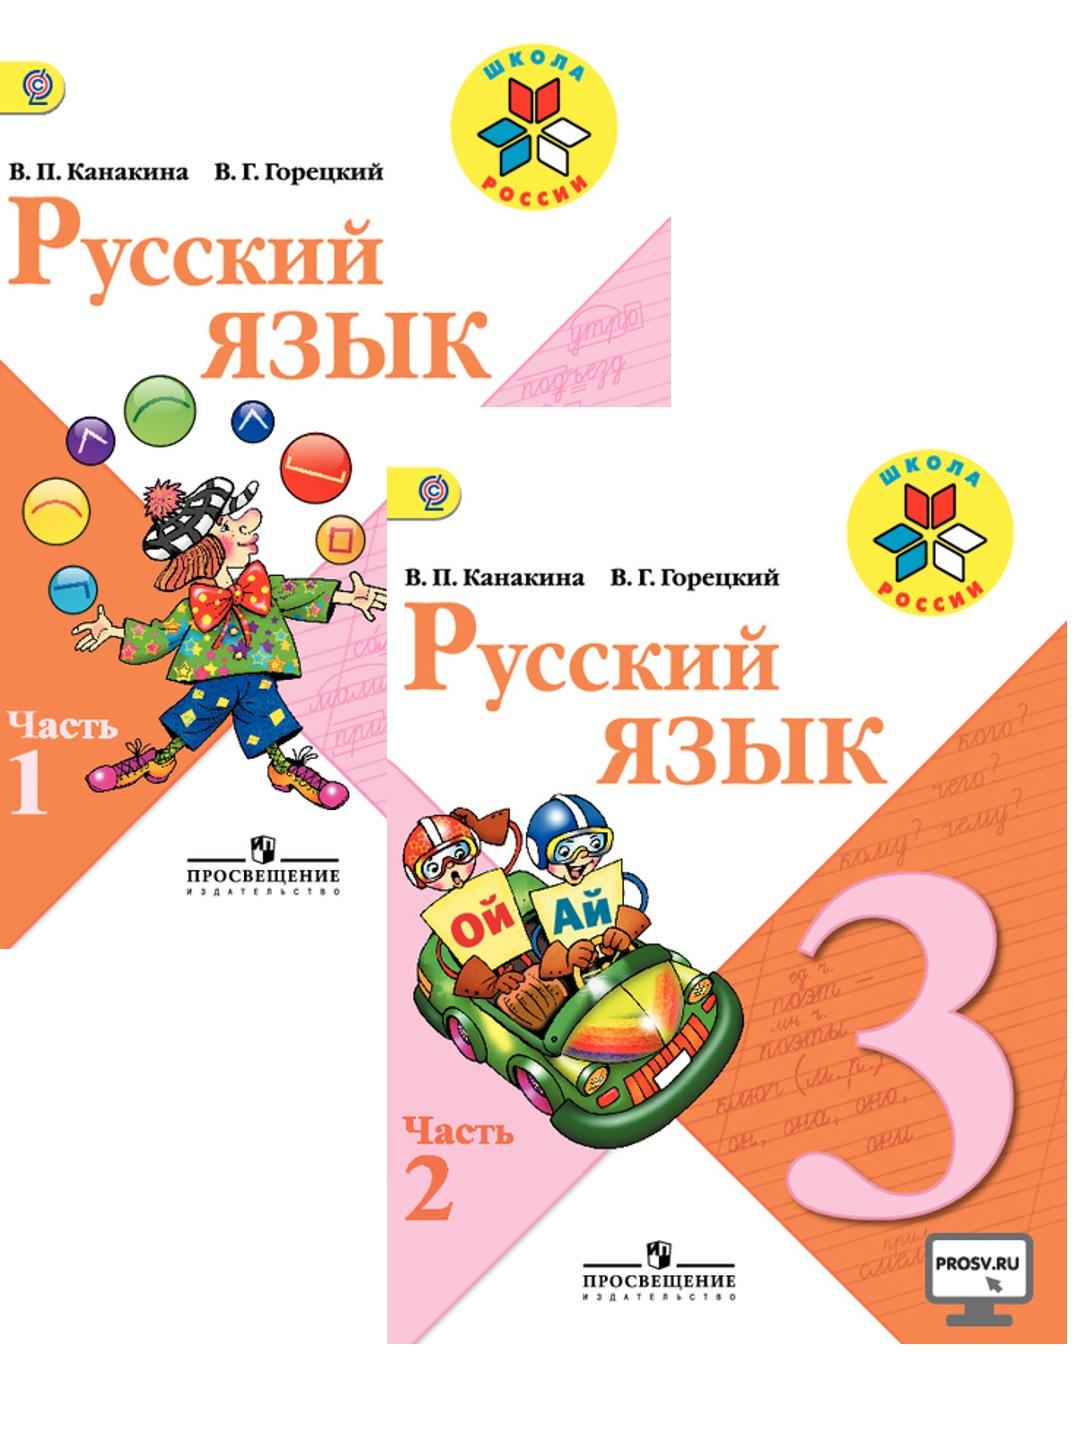 Russkij jazyk. 3 klass. Uchebnik v dvukh chastjakh